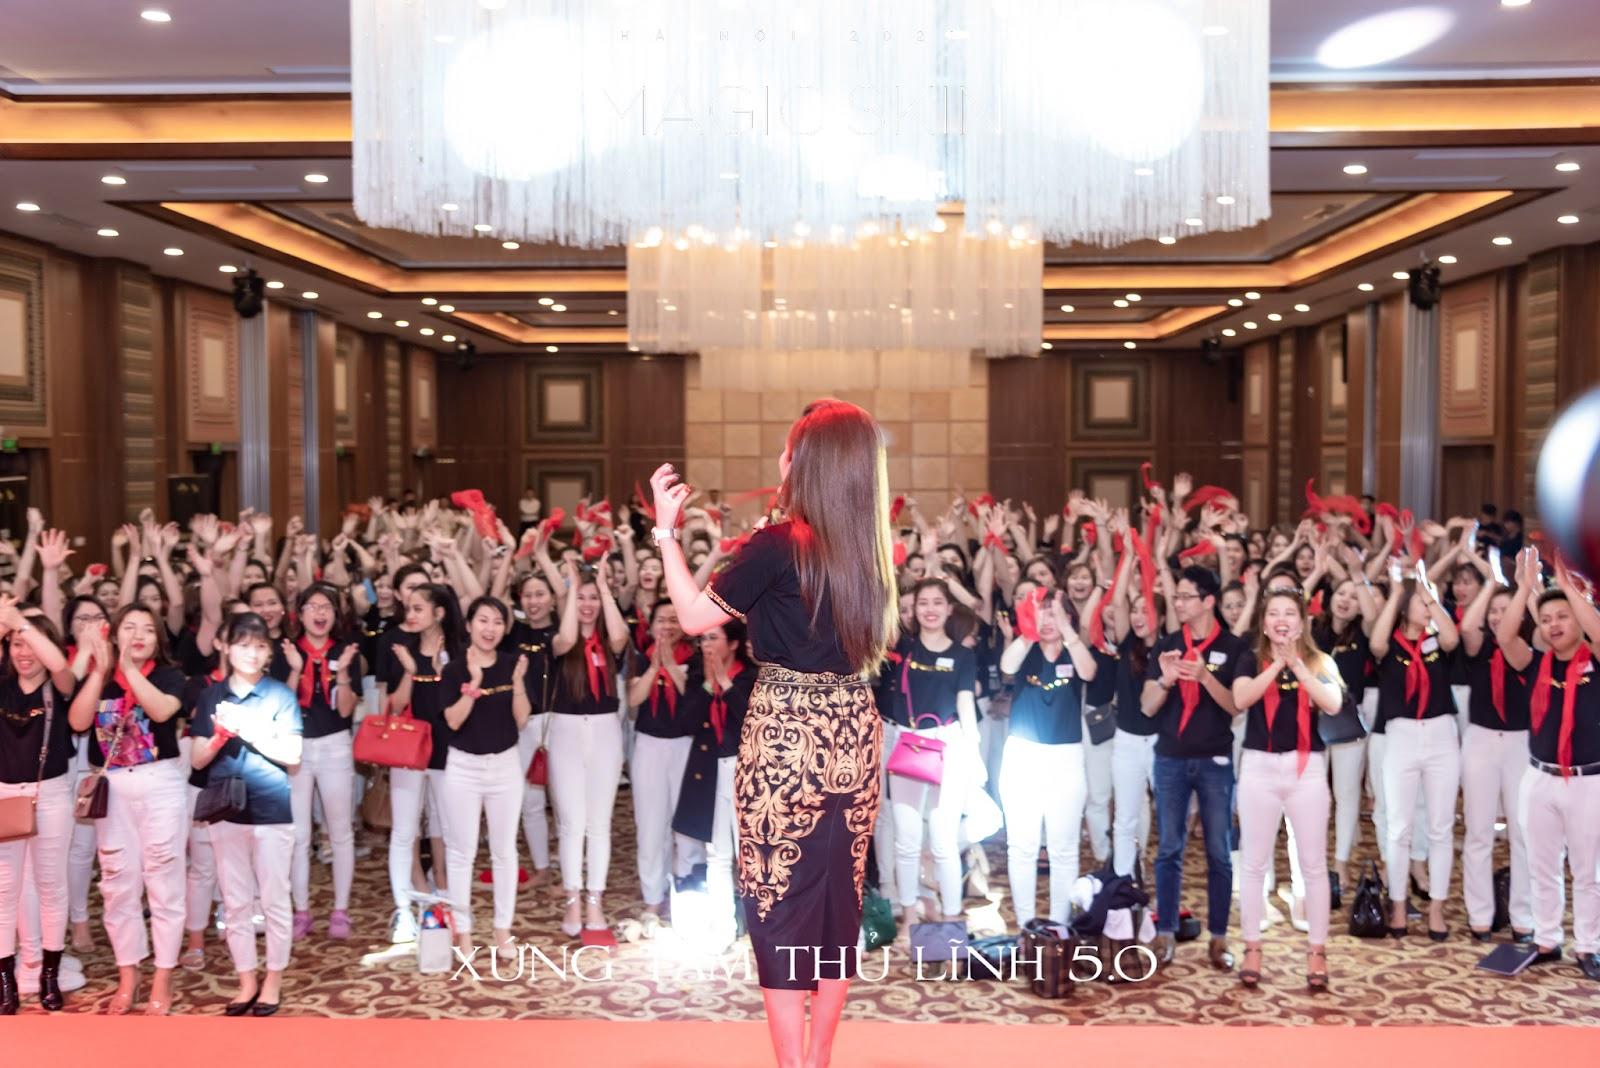 Trở thành thủ lĩnh xứng tầm cùng nữ diễn giả trẻ tuổi Đào Minh Châu trong khóa đào tạo đẳng cấp Xứng tầm thủ lĩnh 5.0 - Ảnh 1